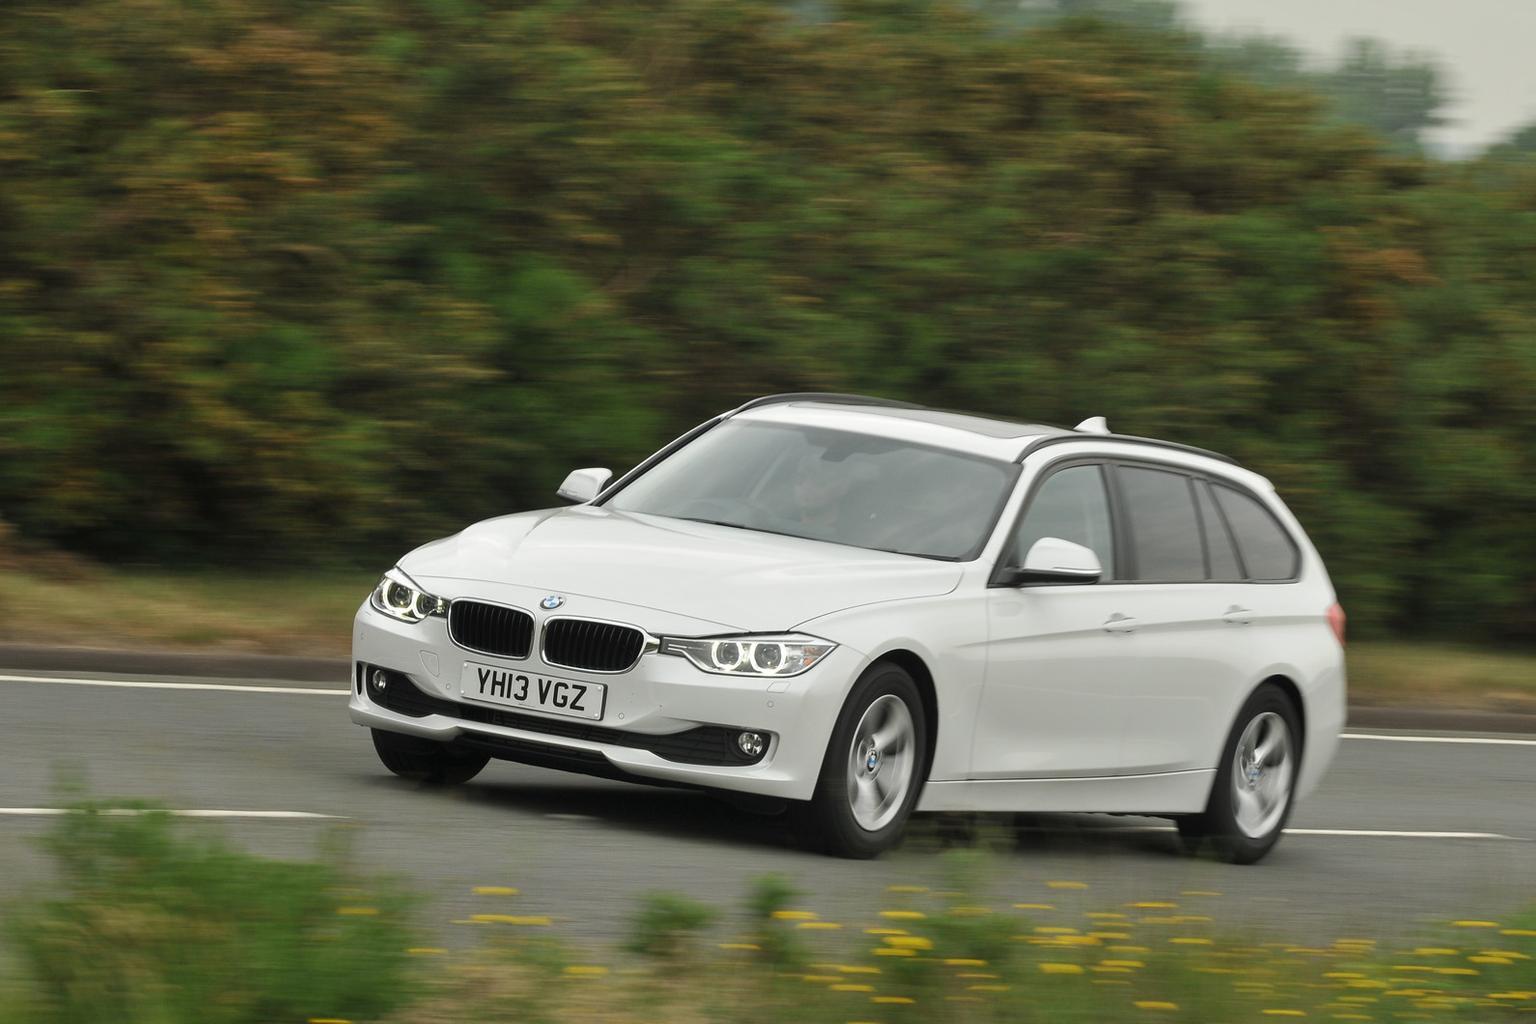 Big savings on some great BMWs